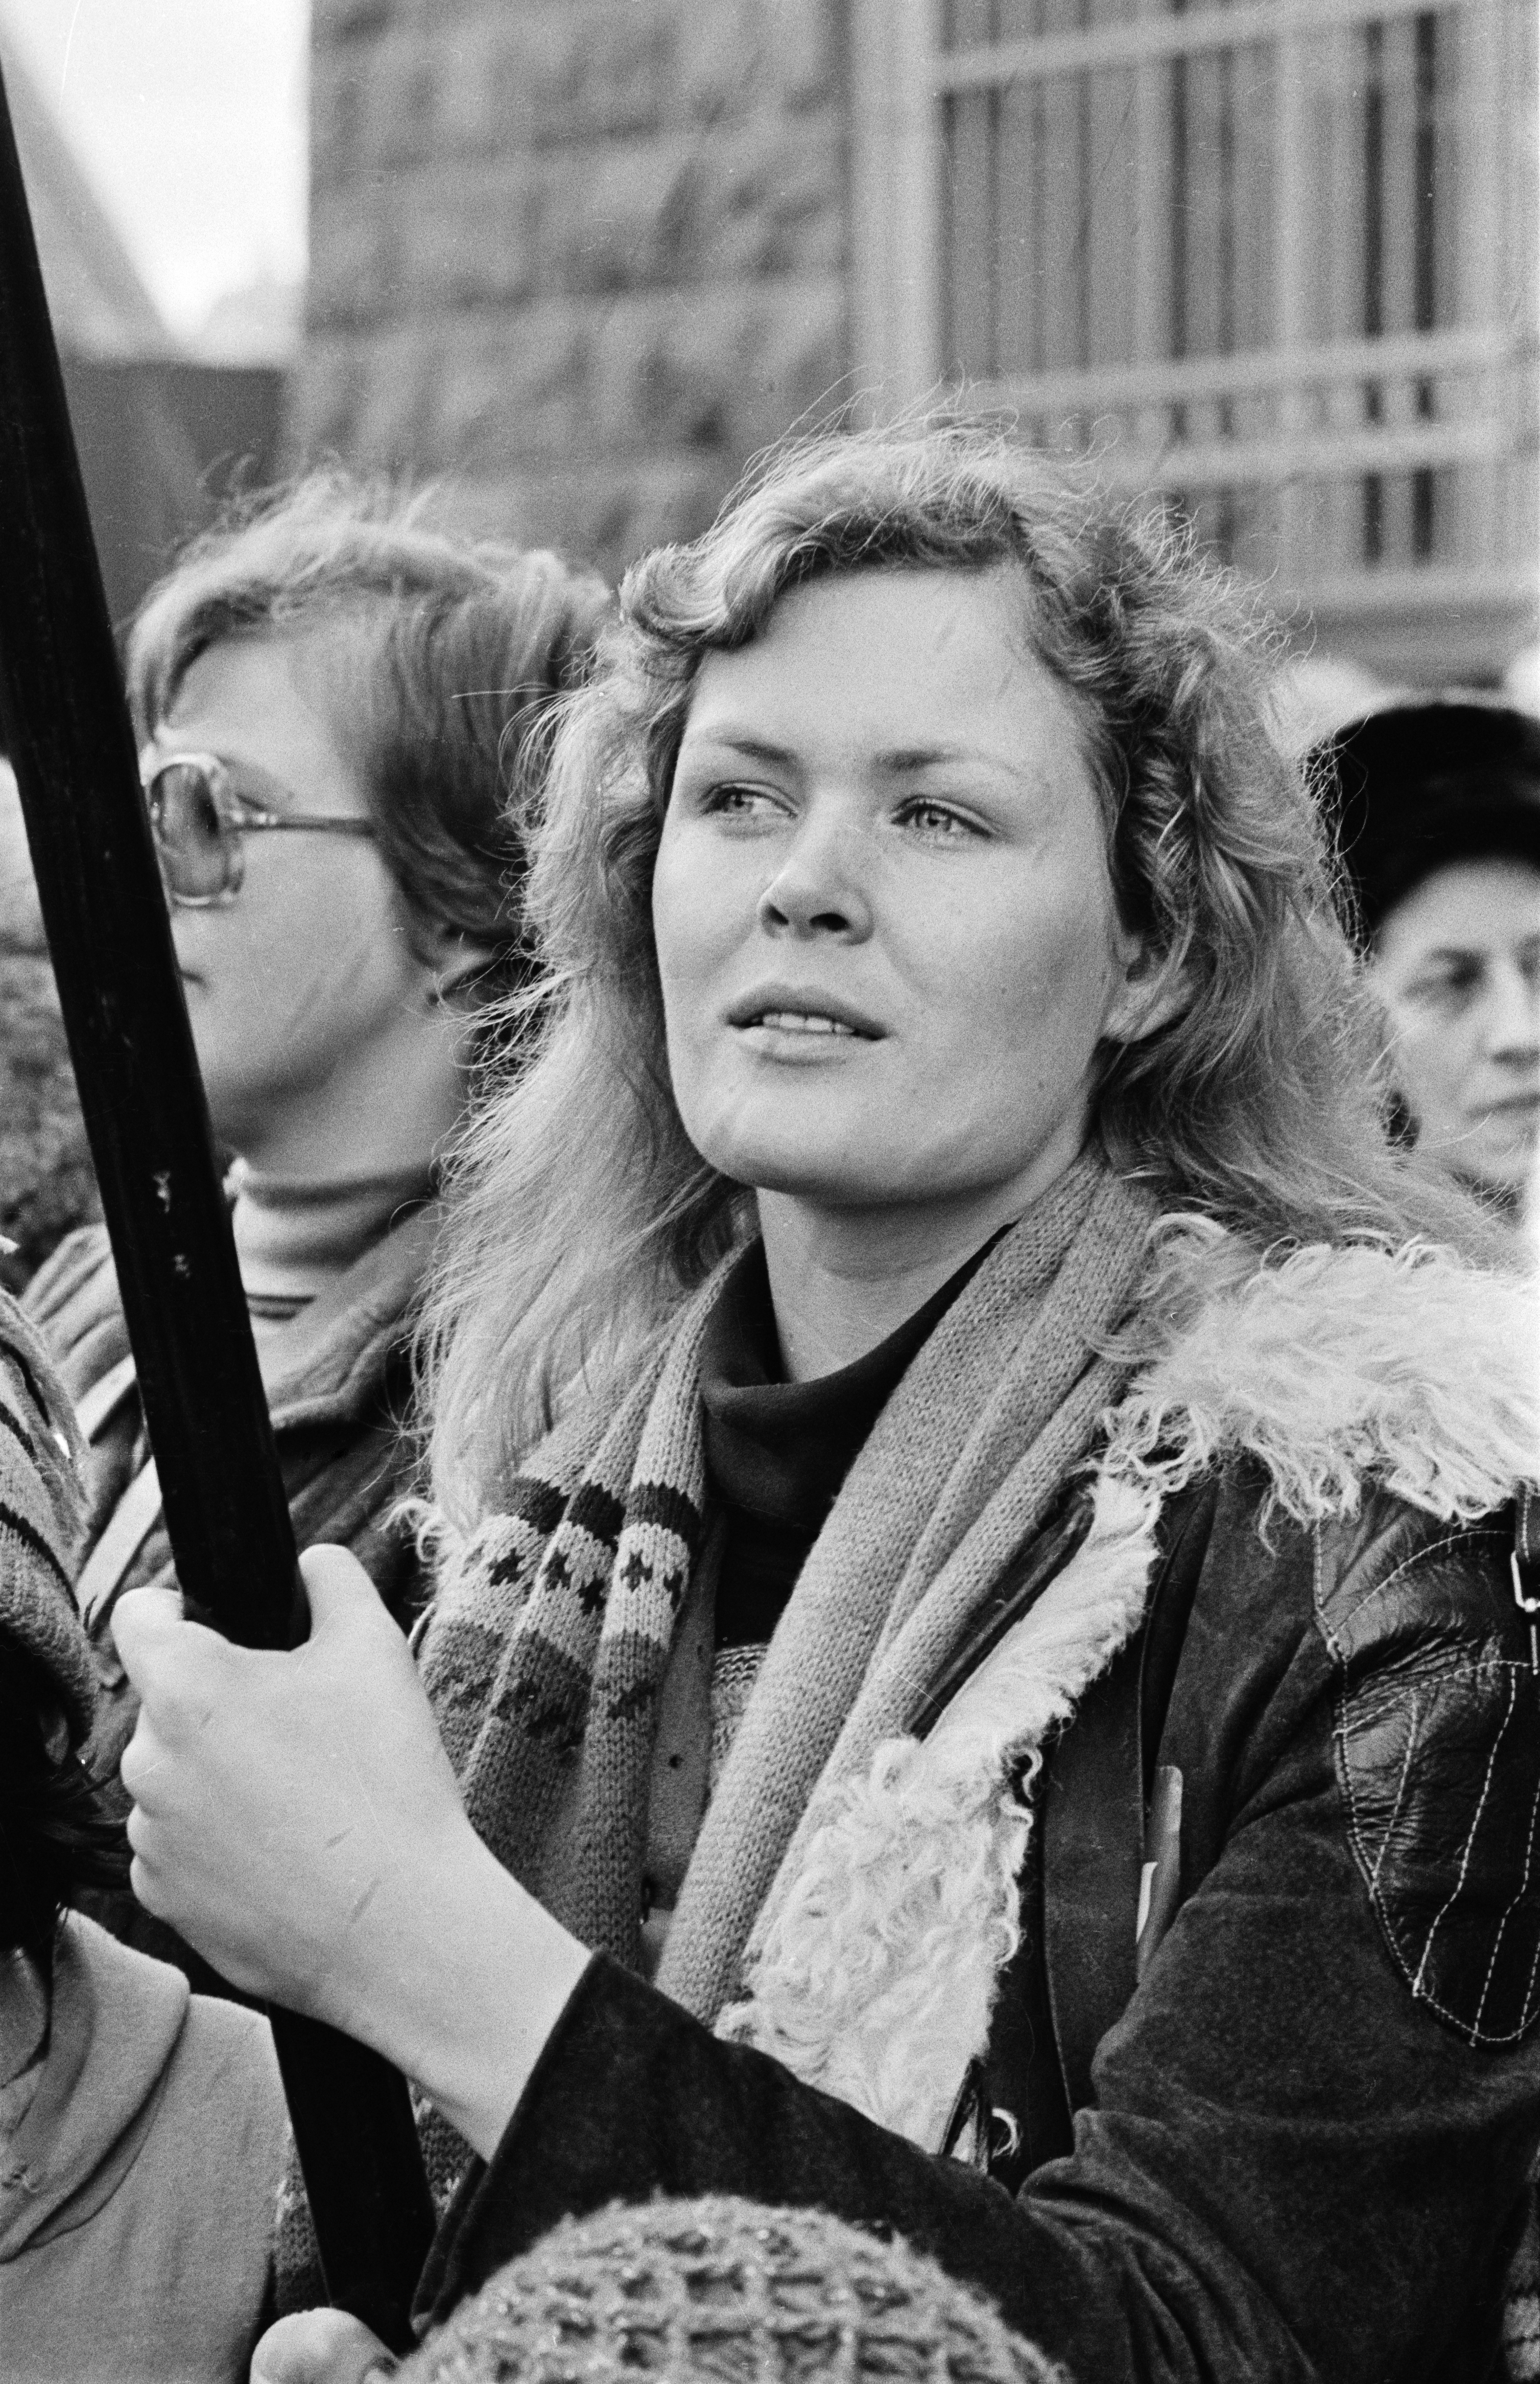 Woman striker